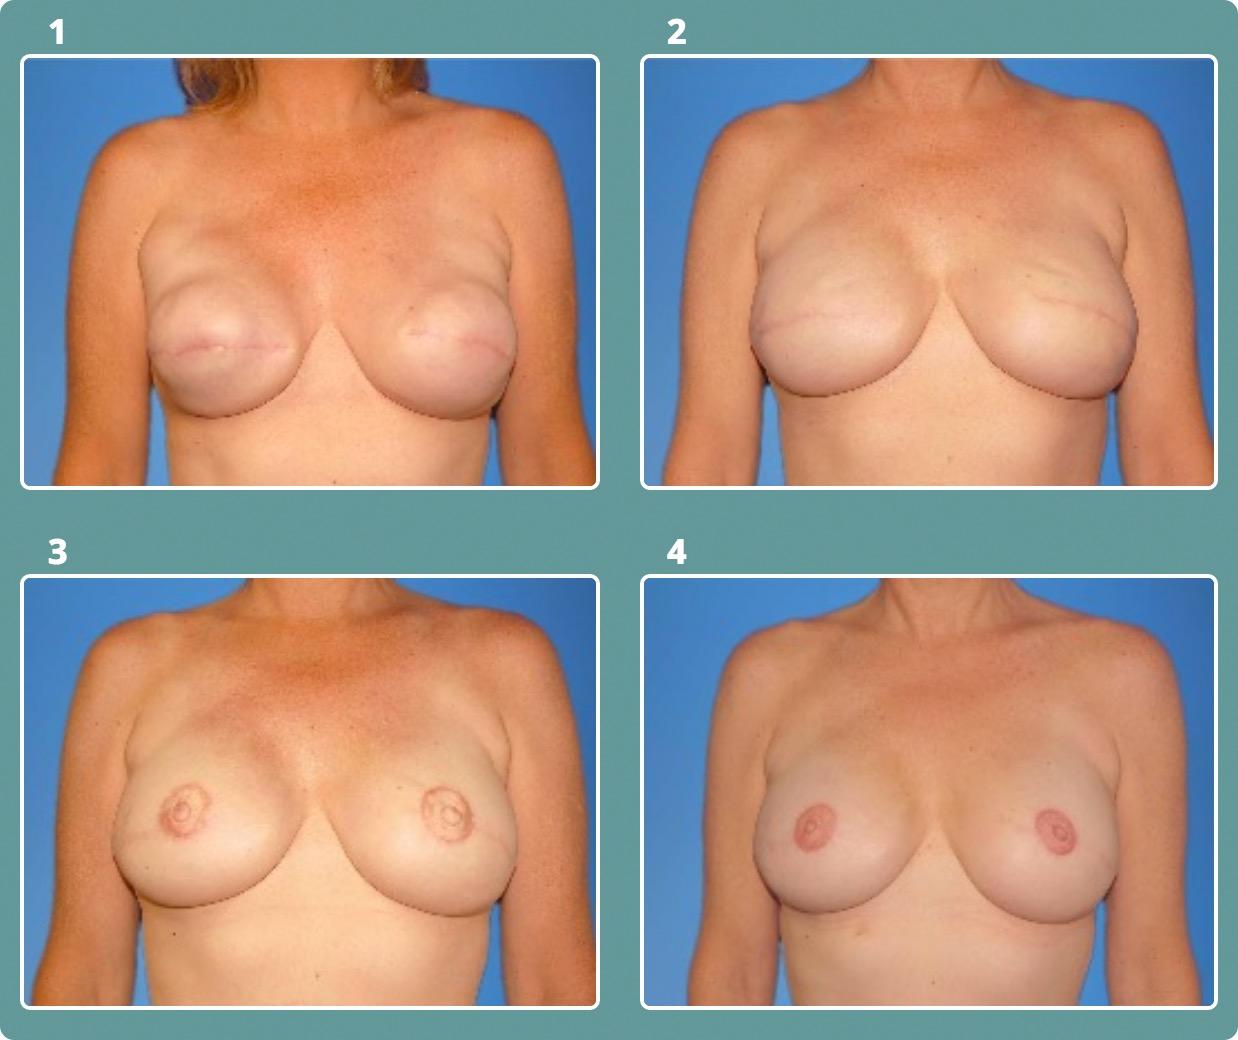 Patient 2, stages 1-4